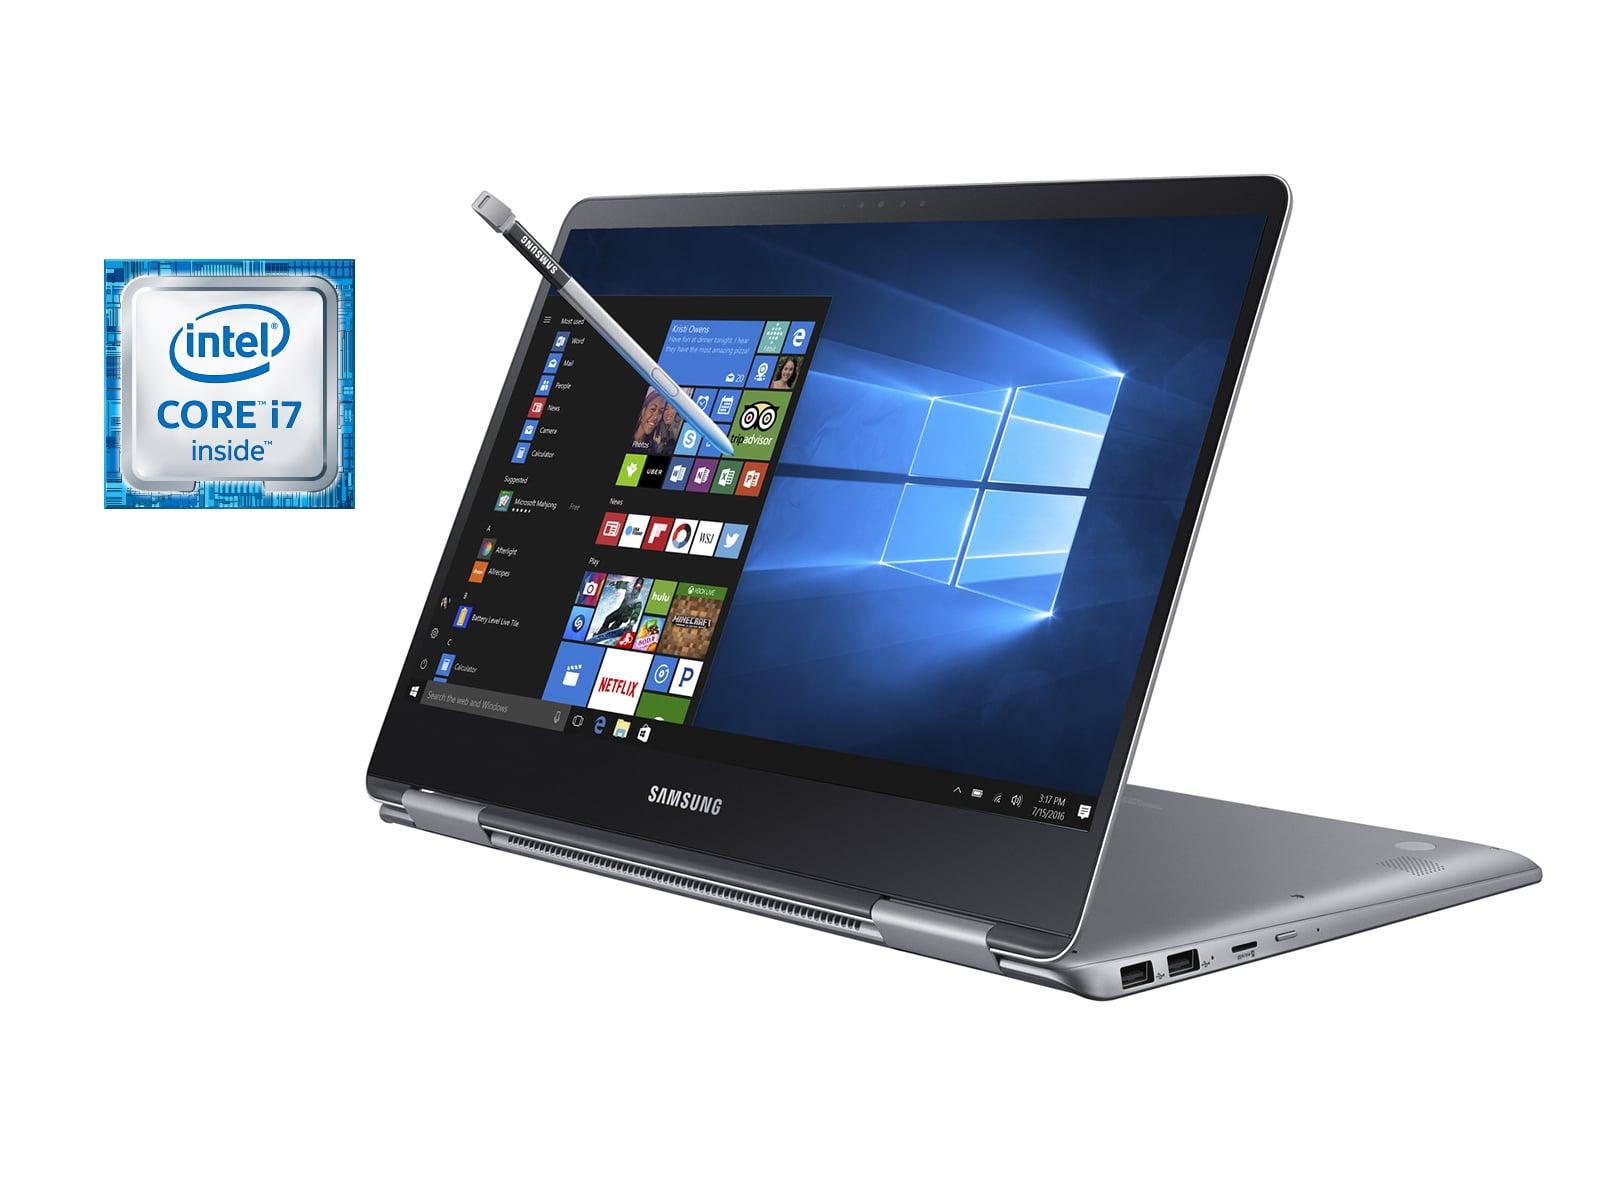 Samsung Notebook 9 NP940X5M-X01US